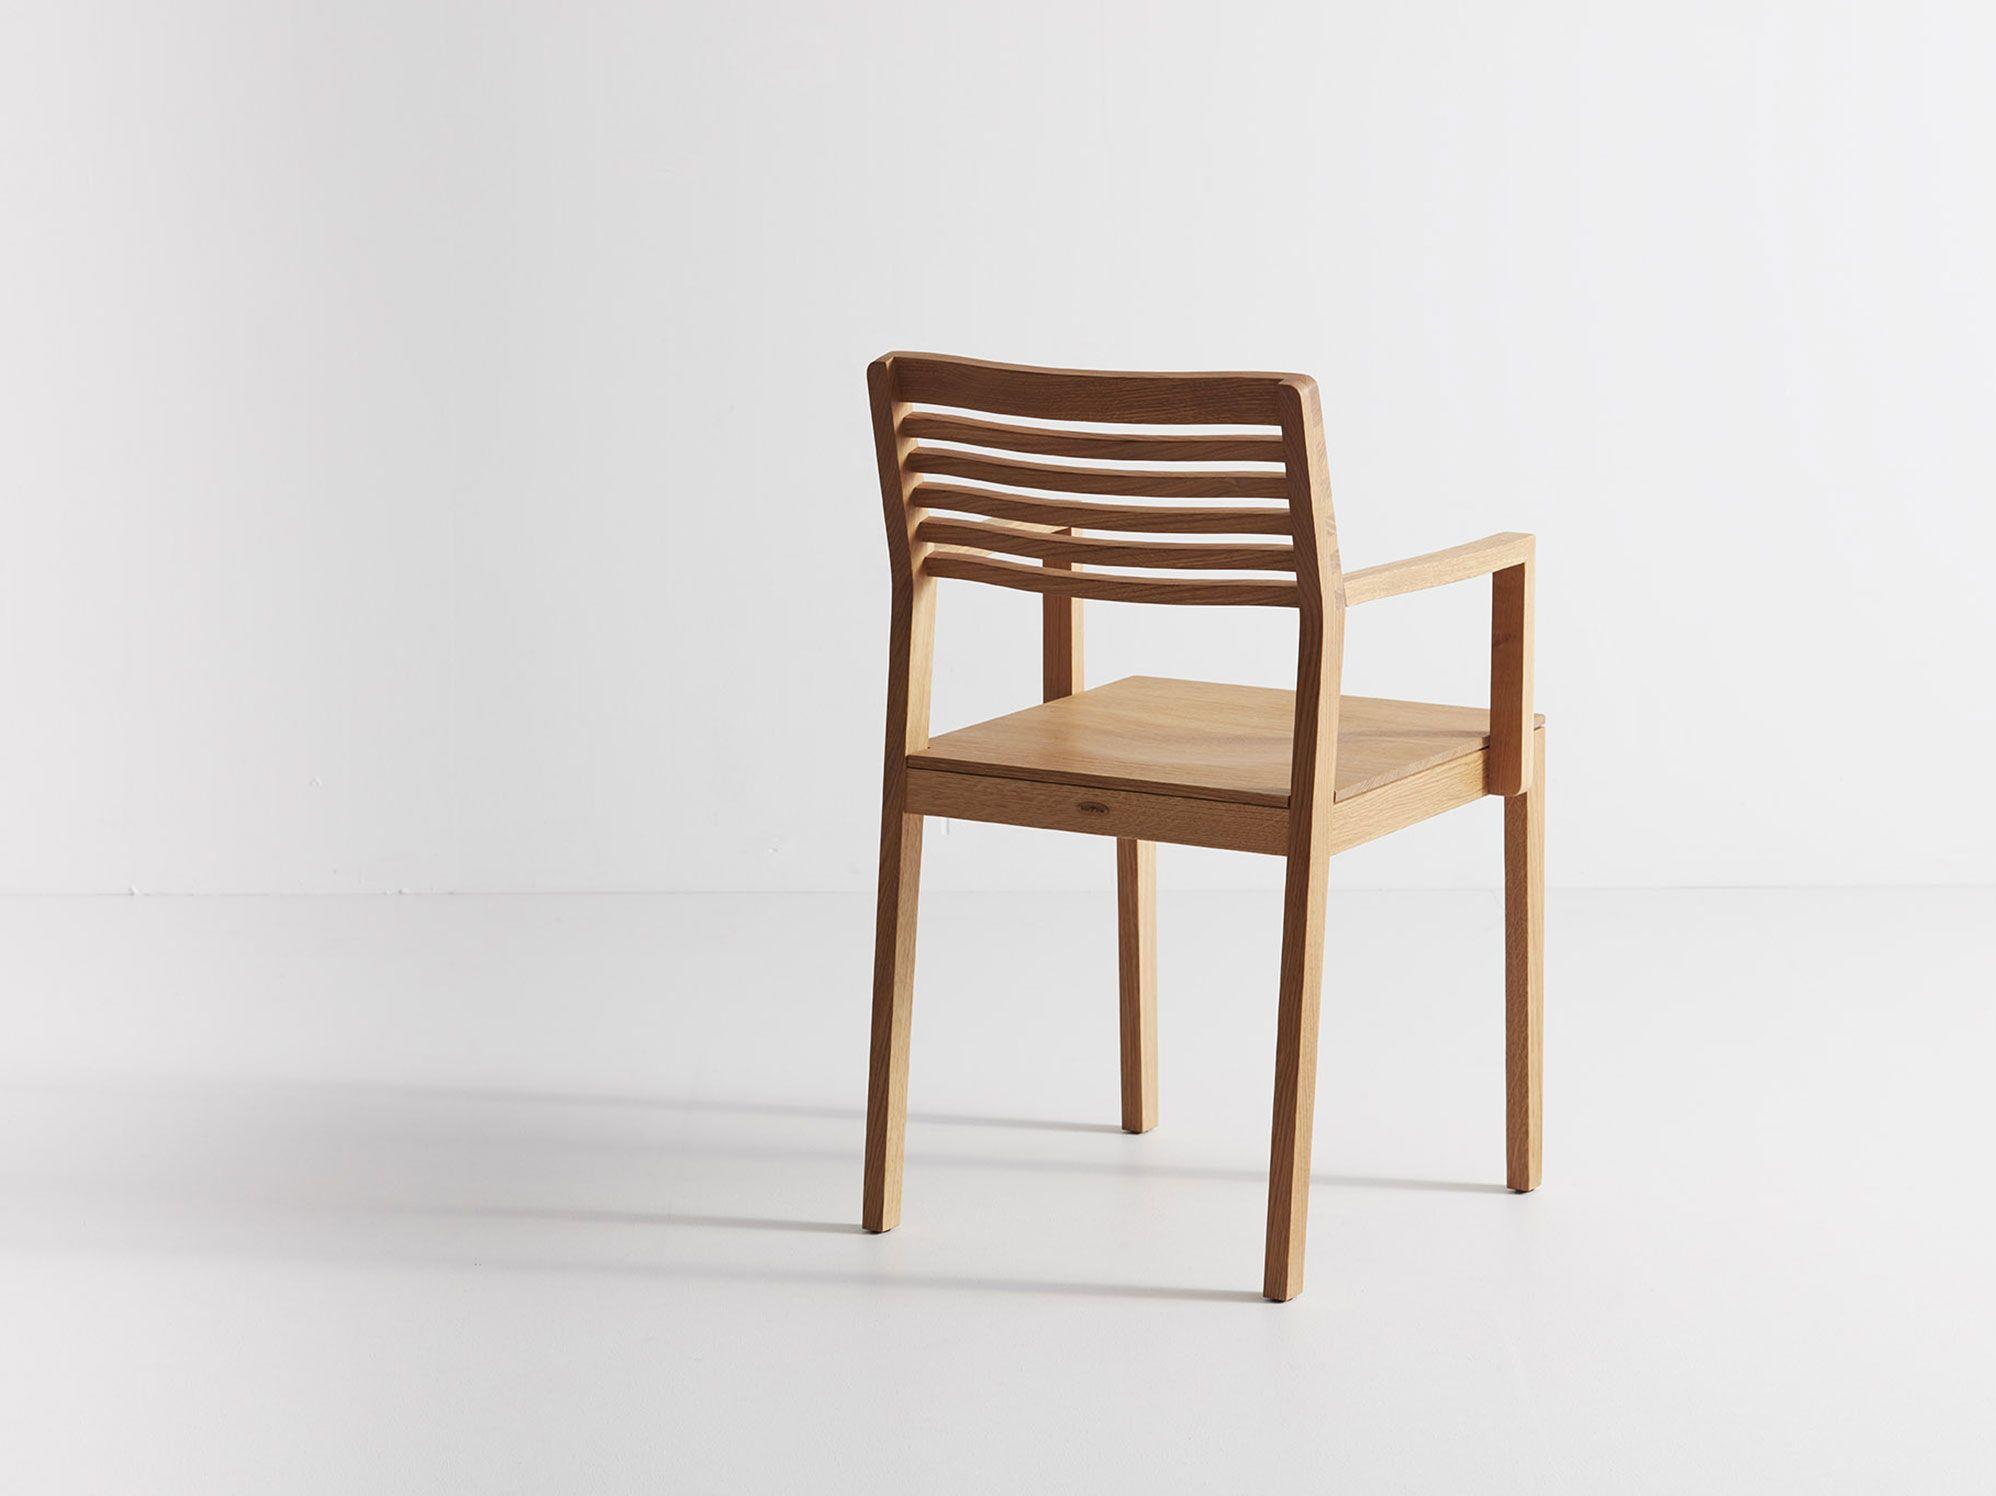 Stuhl Freddy In Eiche Mit Armlehne Stühle Grüne Erde Stuhlbeine